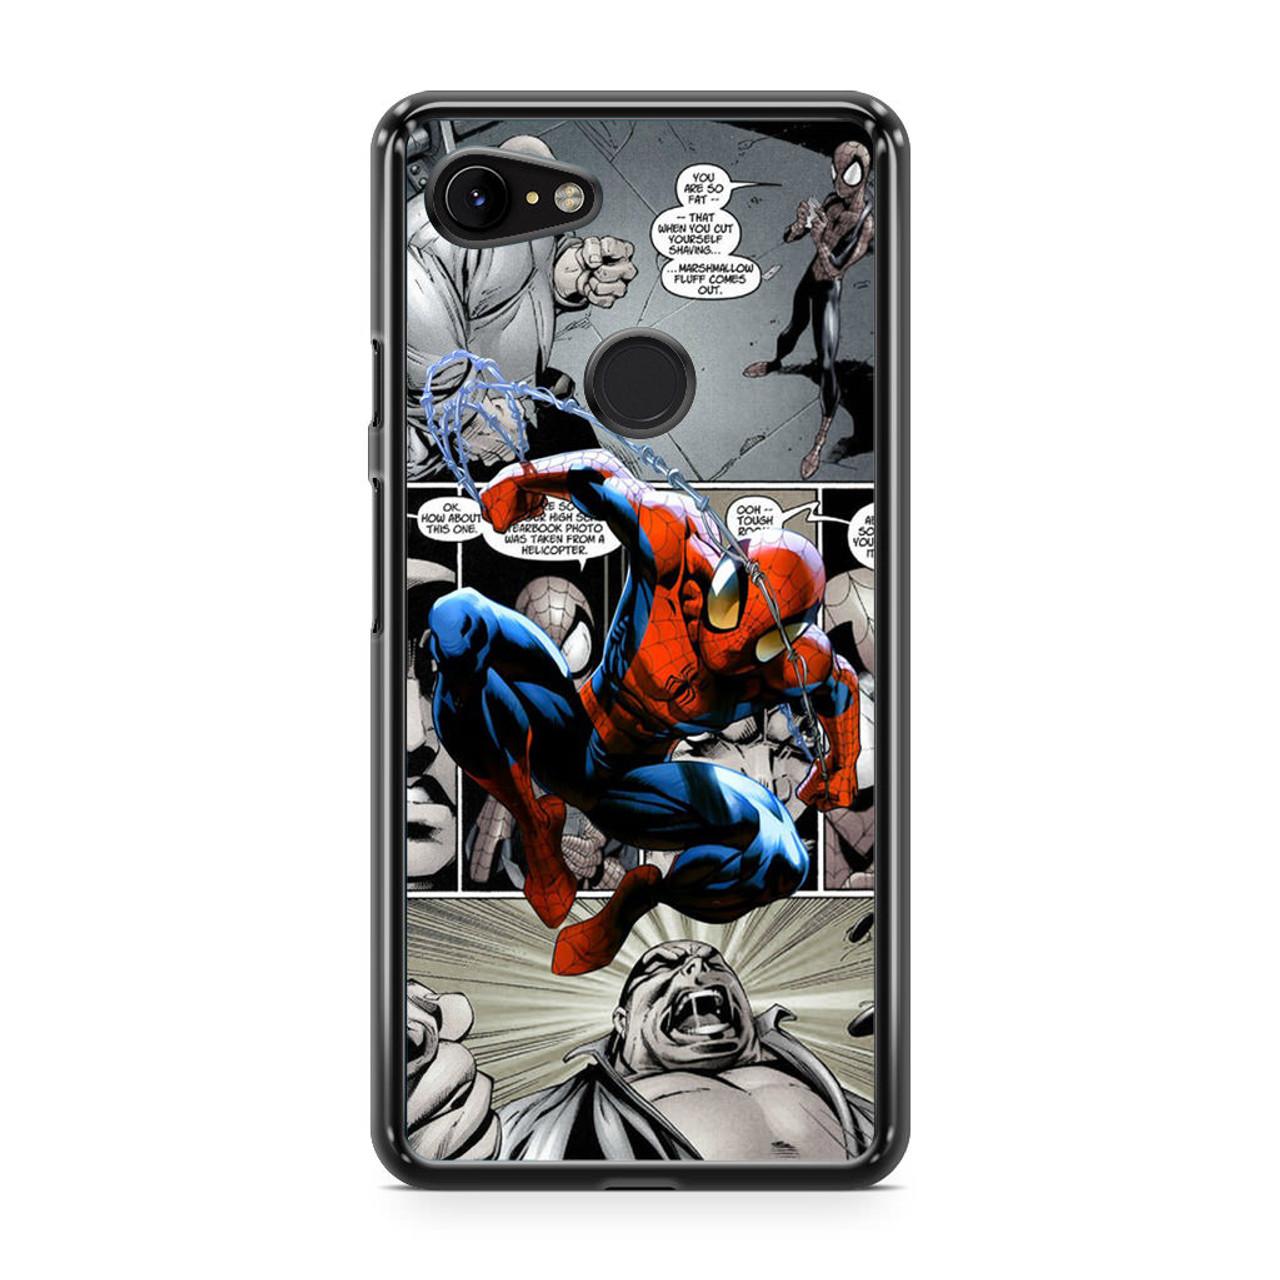 Spiderman Comics Wallpaper Google Pixel 3 Case